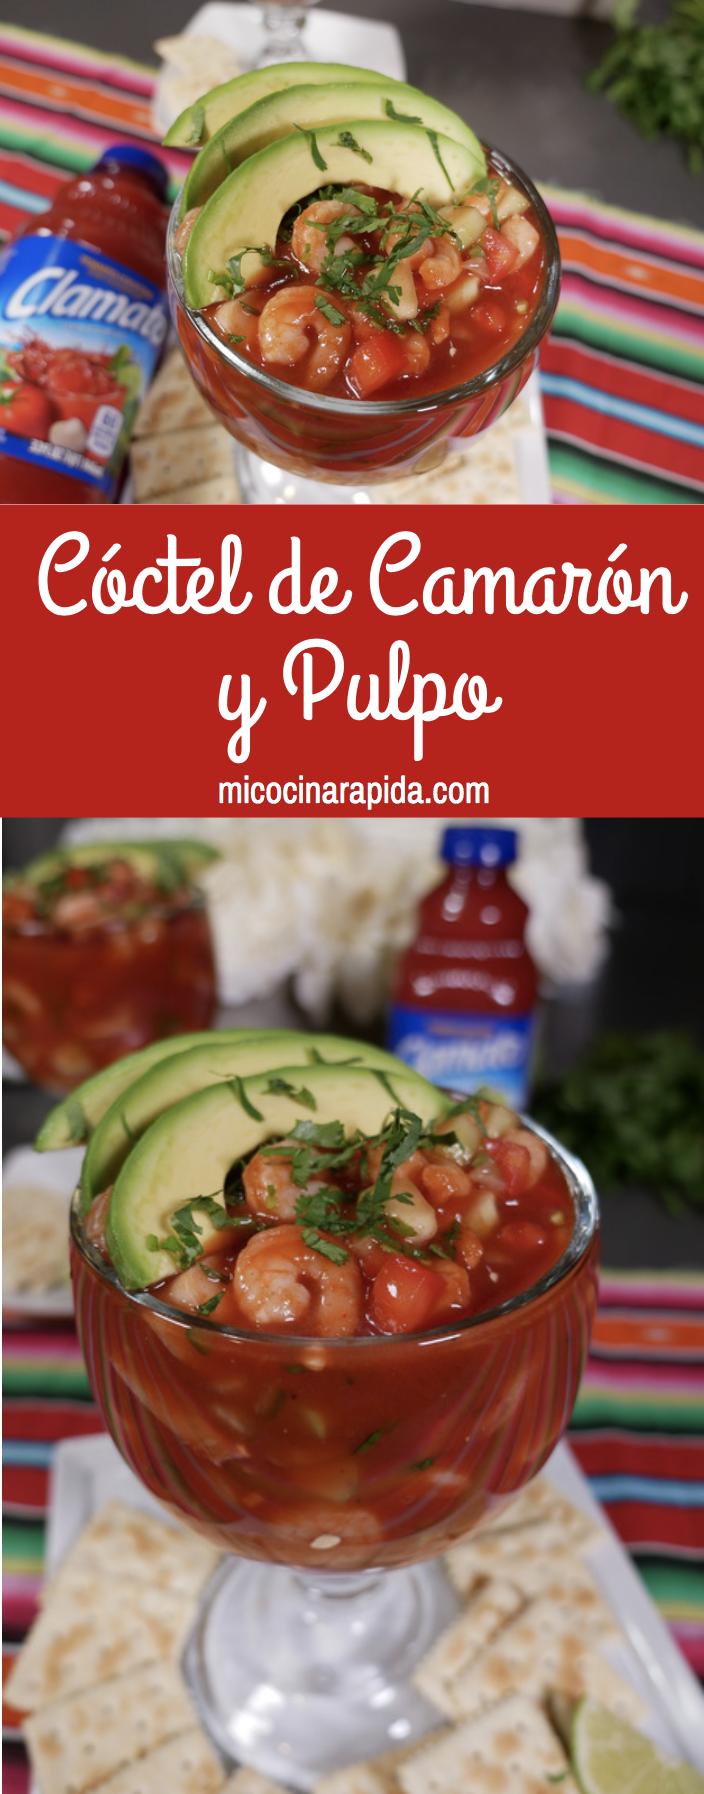 Coctel De Camaron Y Pulpo Receta Coctel De Camaron Recetas De Comida Mexicana Coctel De Camarones Receta